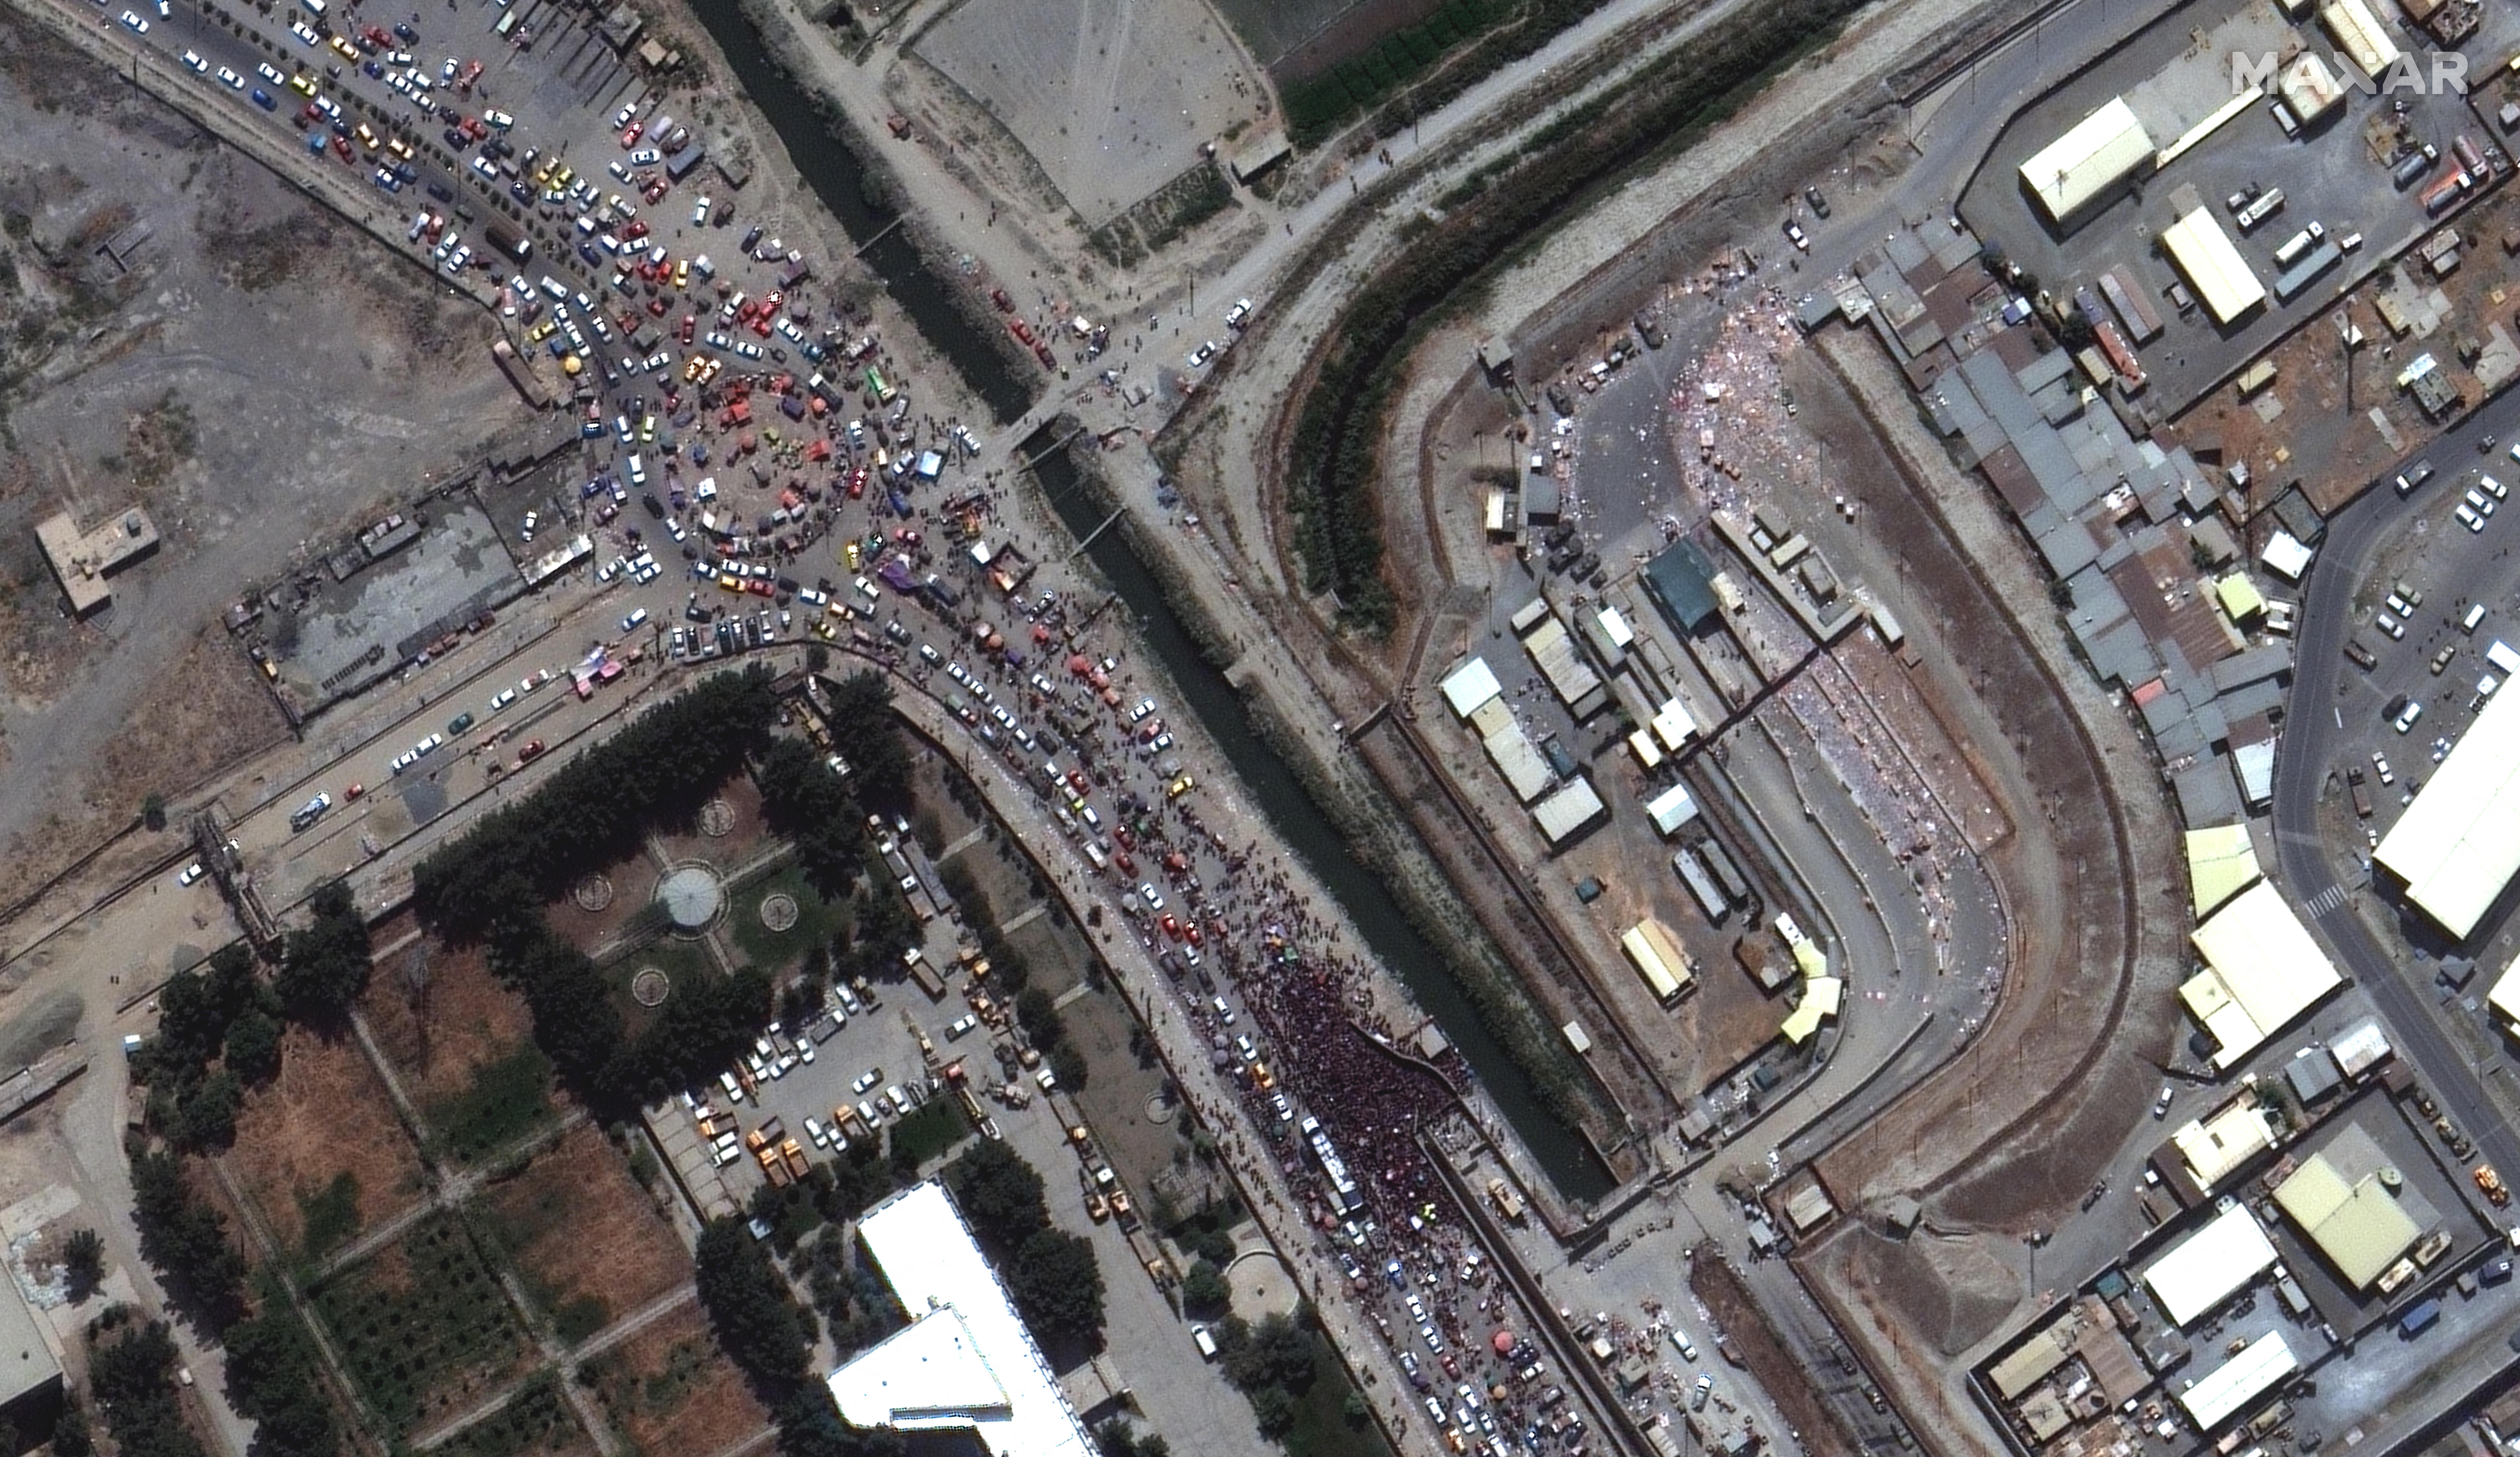 Akkora tömeg próbál kijutni a kabuli reptérre, hogy már műholdképeken is látszik